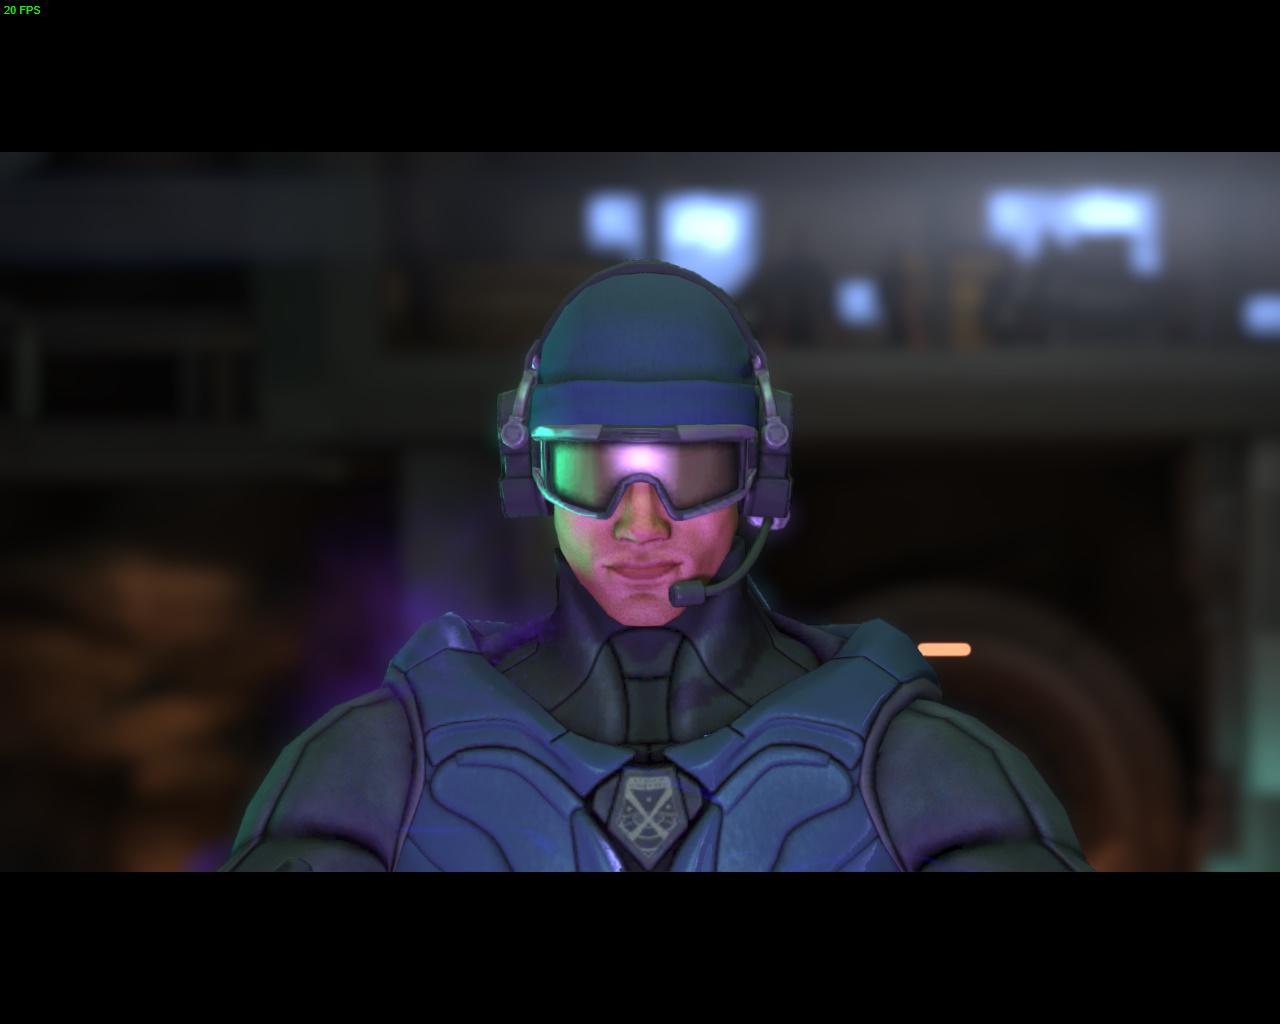 XComGame 2016-08-16 21-29-15-178.jpg - XCOM: Enemy Unknown